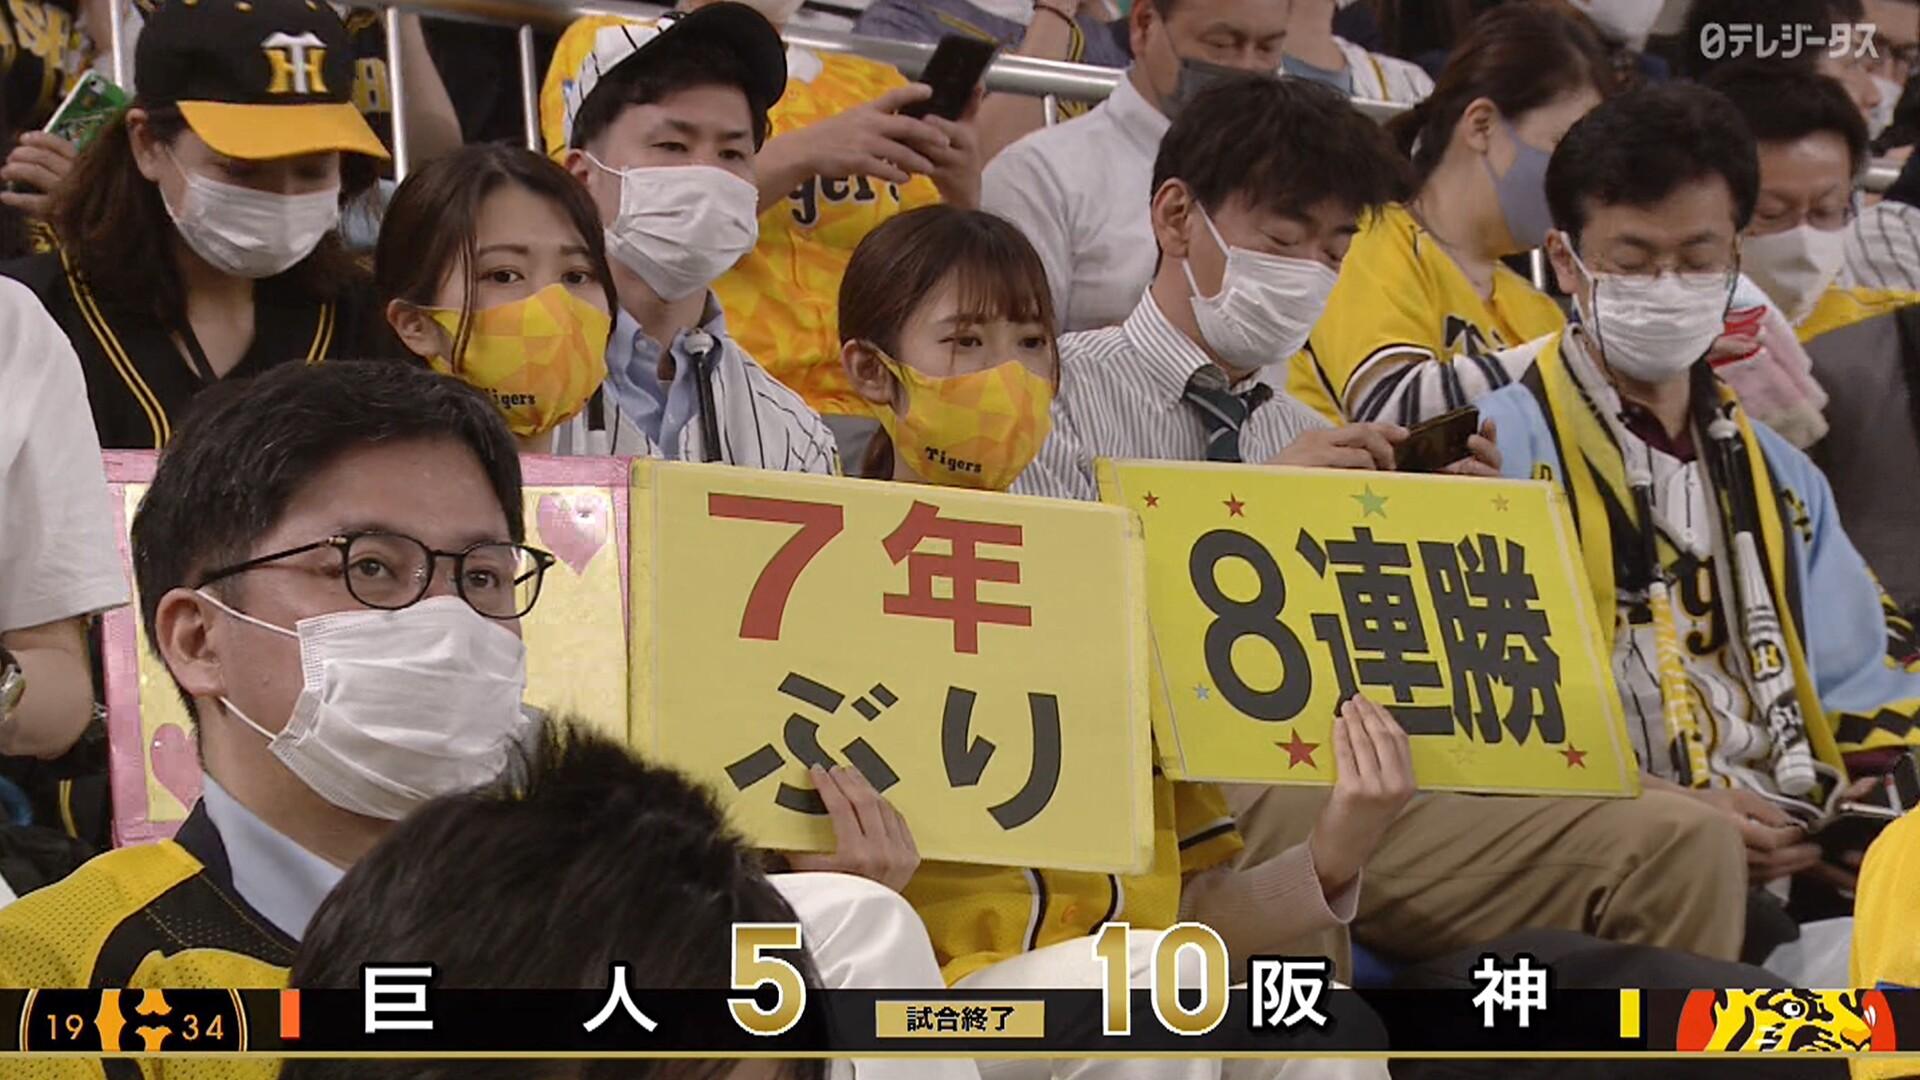 阪神、7年ぶりの8連勝! マルテ・大山・サンズの5本塁打で巨人を圧倒